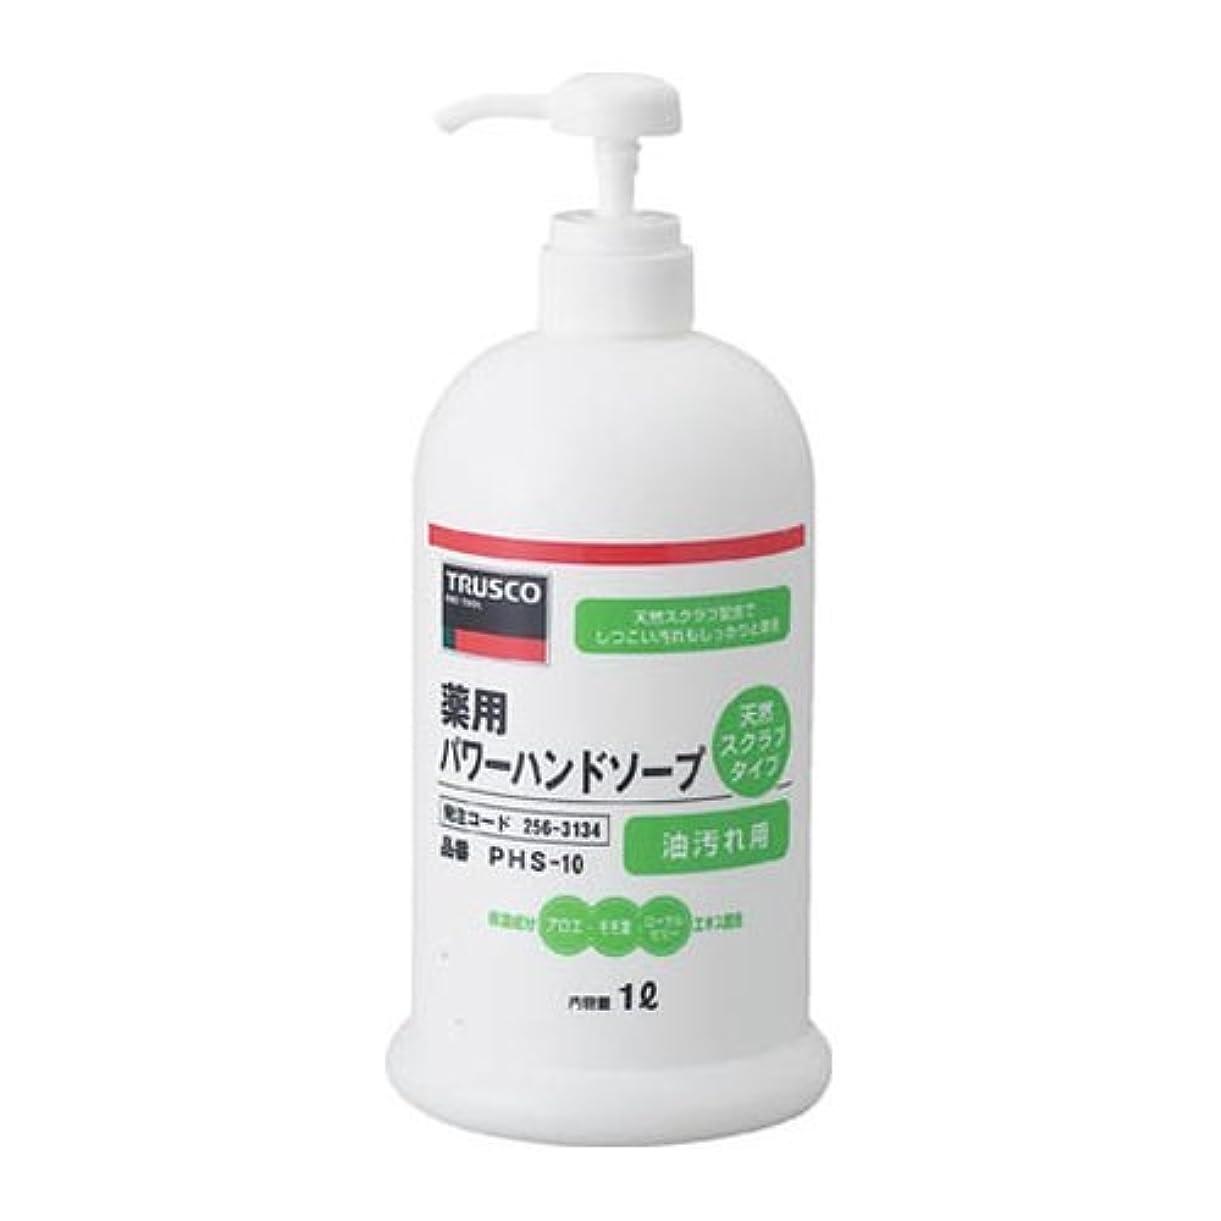 労働チラチラする困惑するTRUSCO 薬用パワーハンドソープポンプボトル1.0L